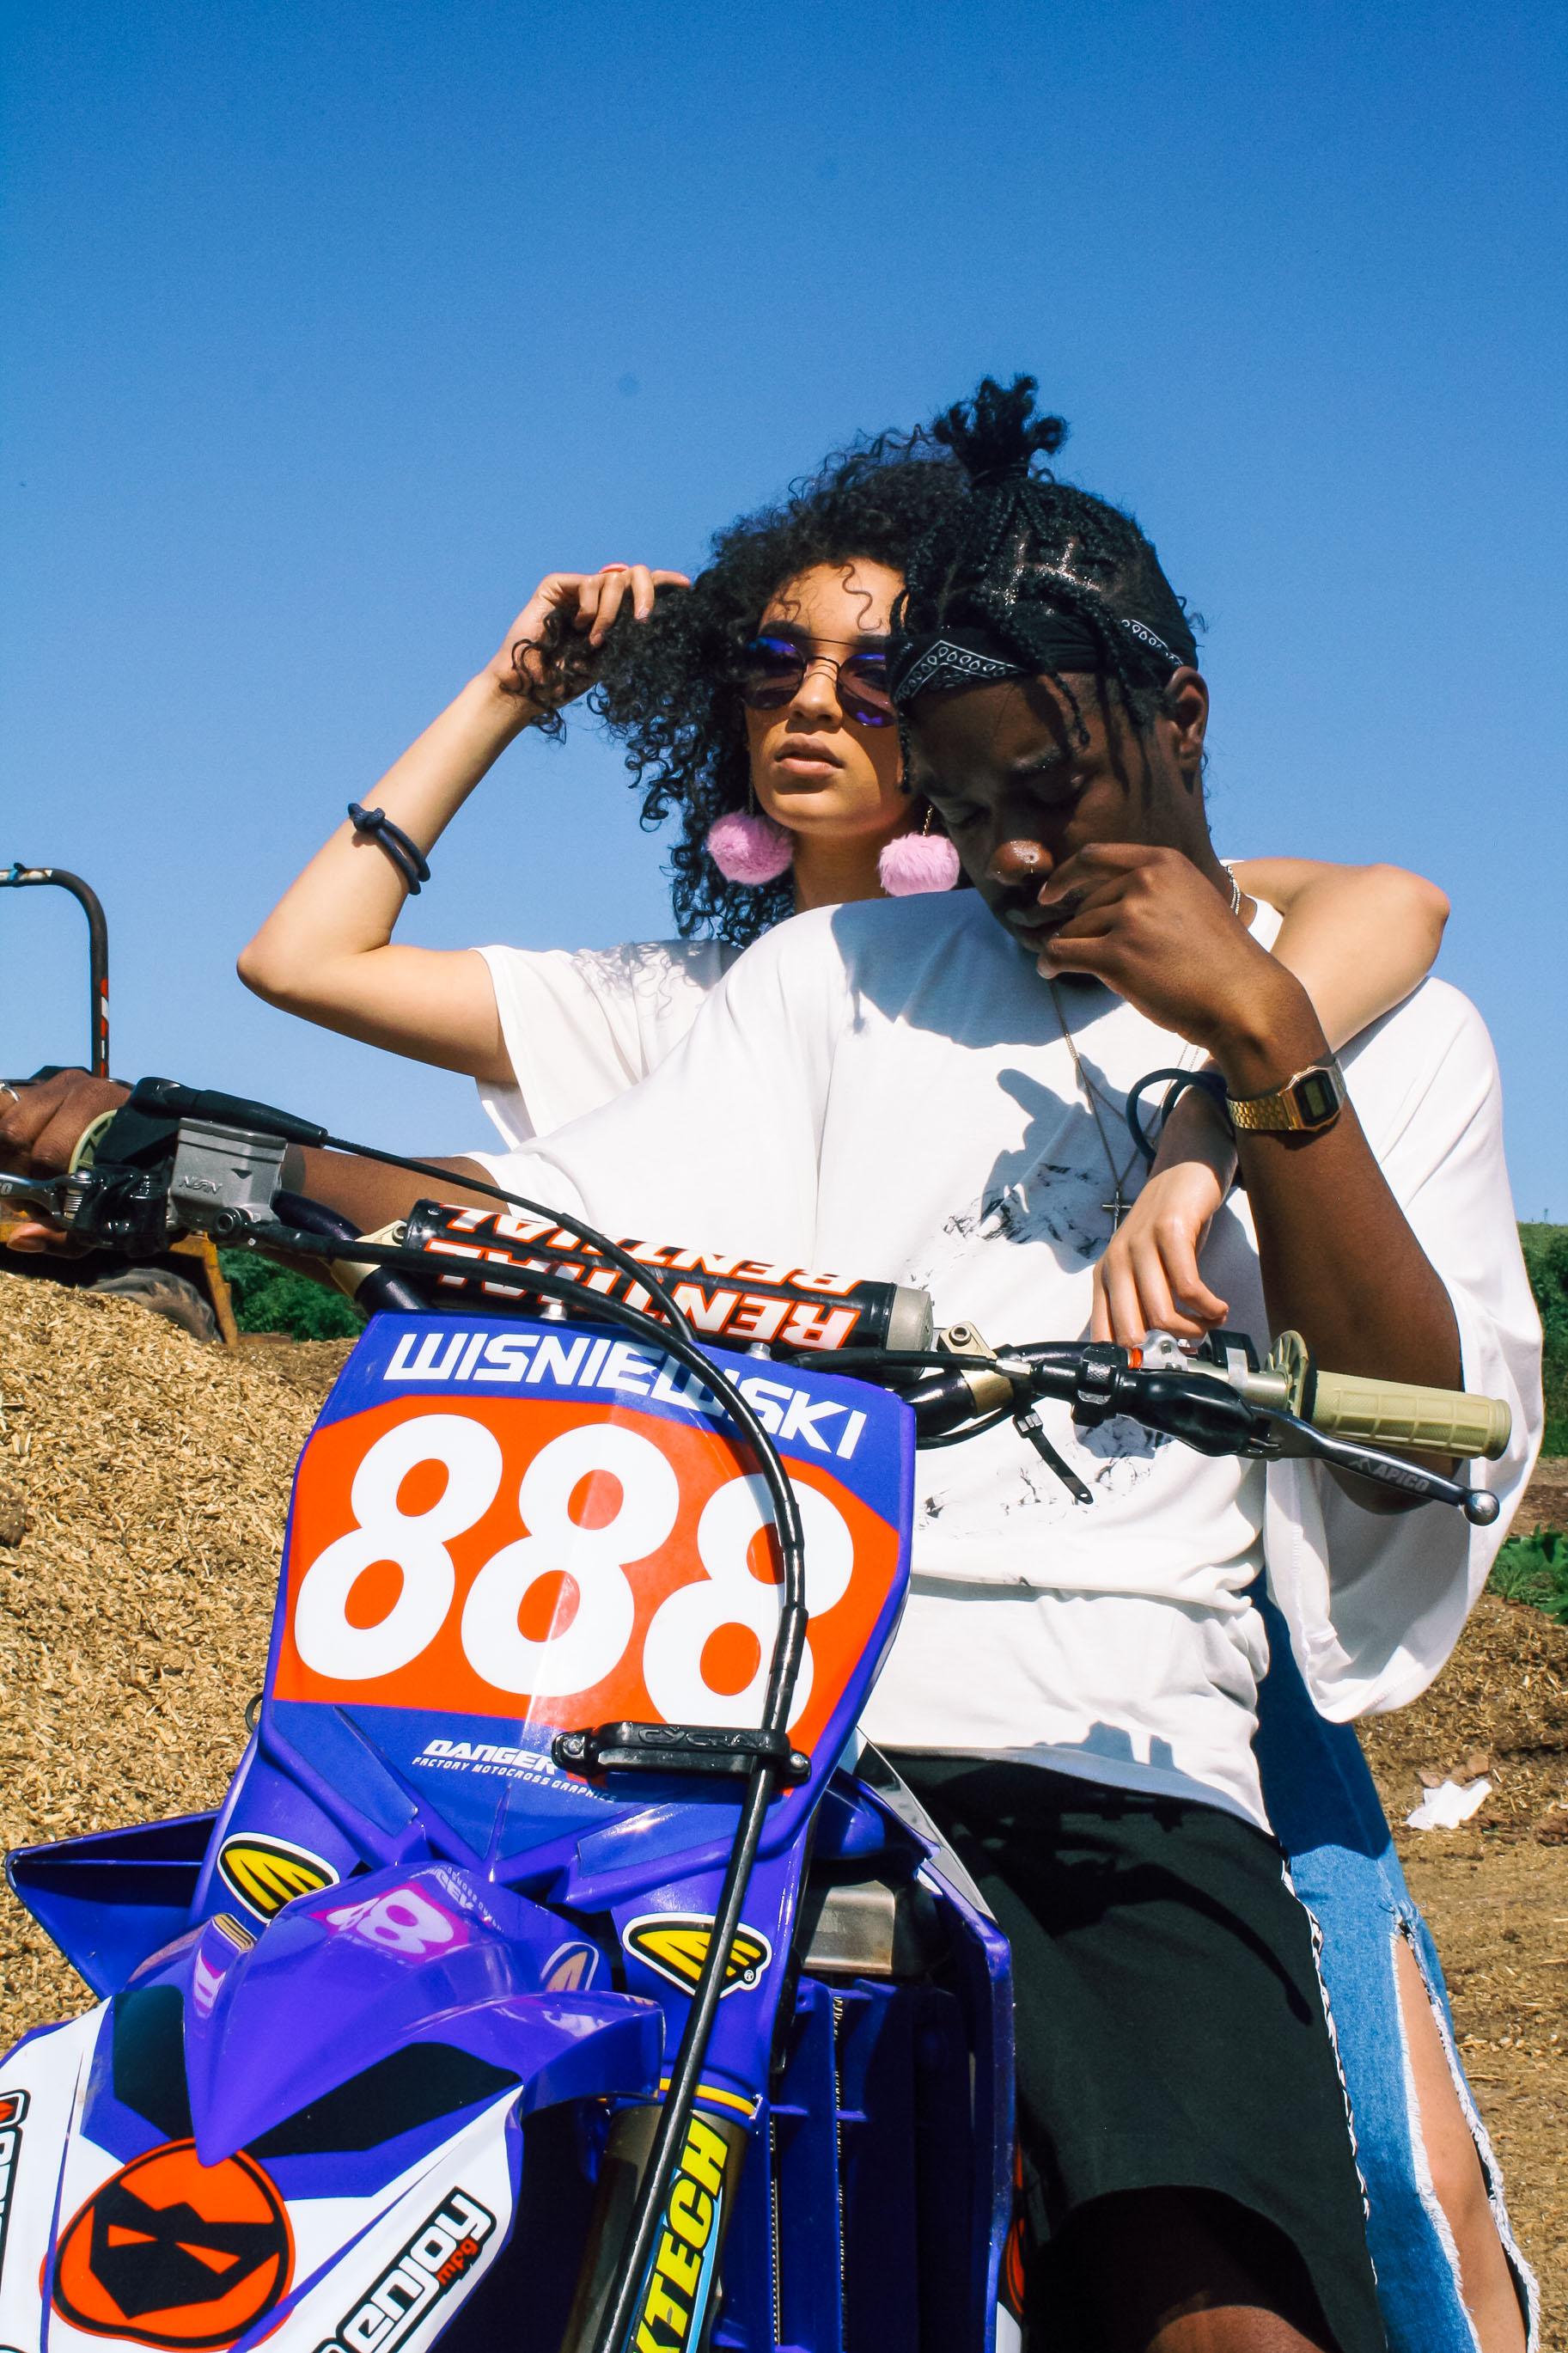 motocross-7